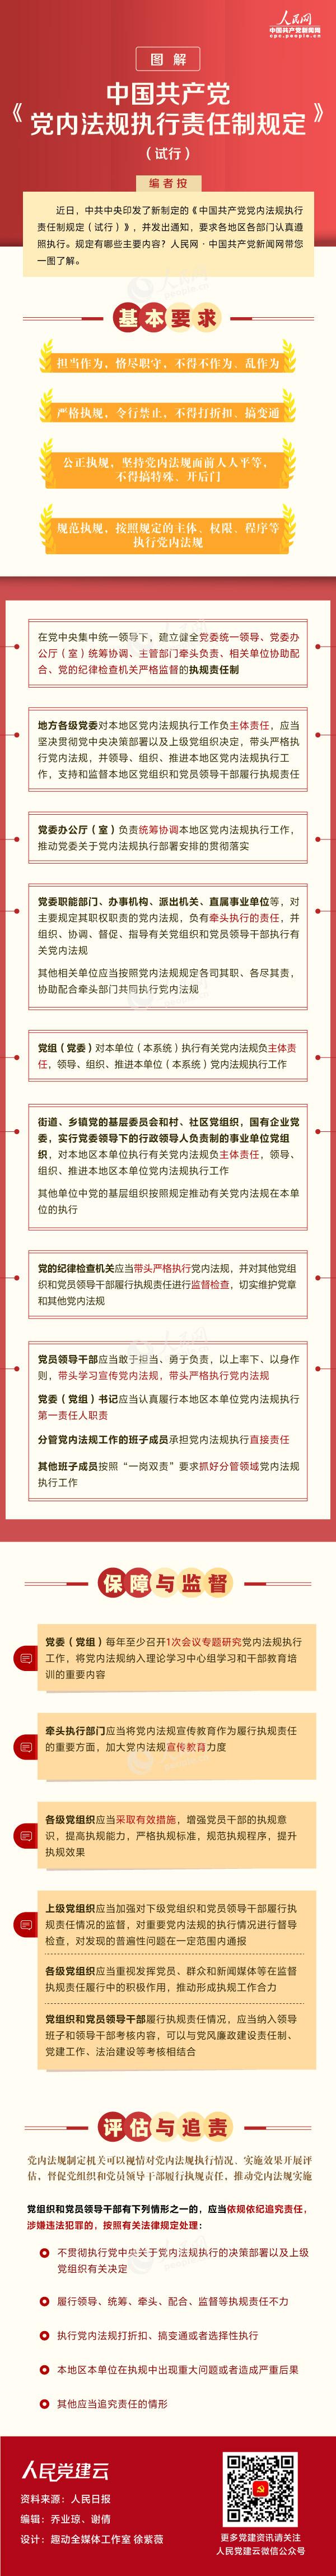 圖解《中國共產黨黨內法規執行責任制規定(試行)》.jpg